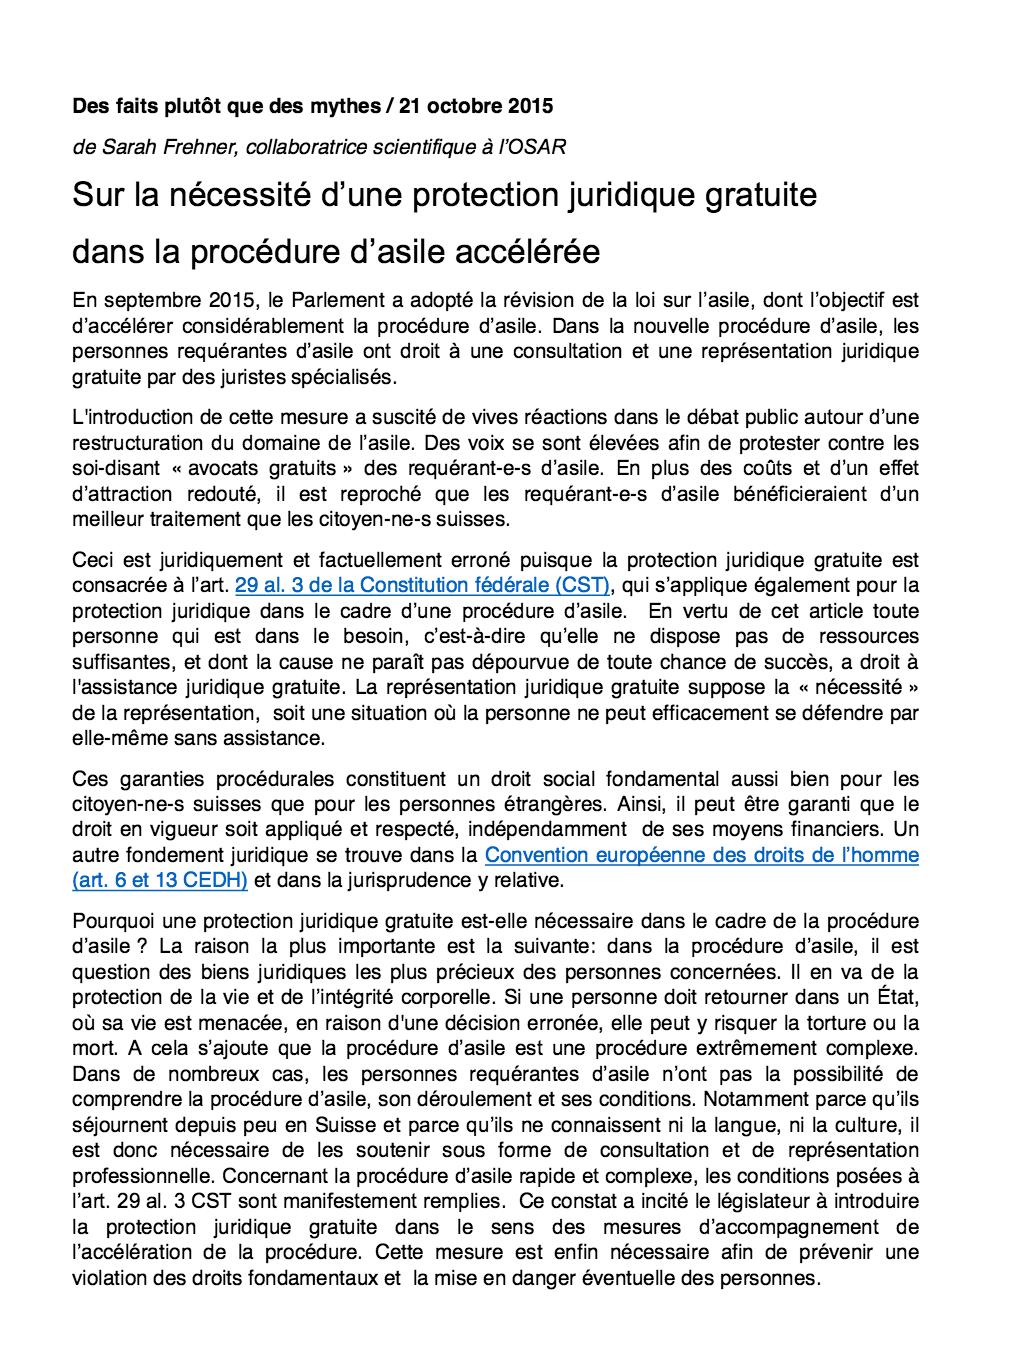 MigrationScholars_ProtectionJuridiqueGratuite